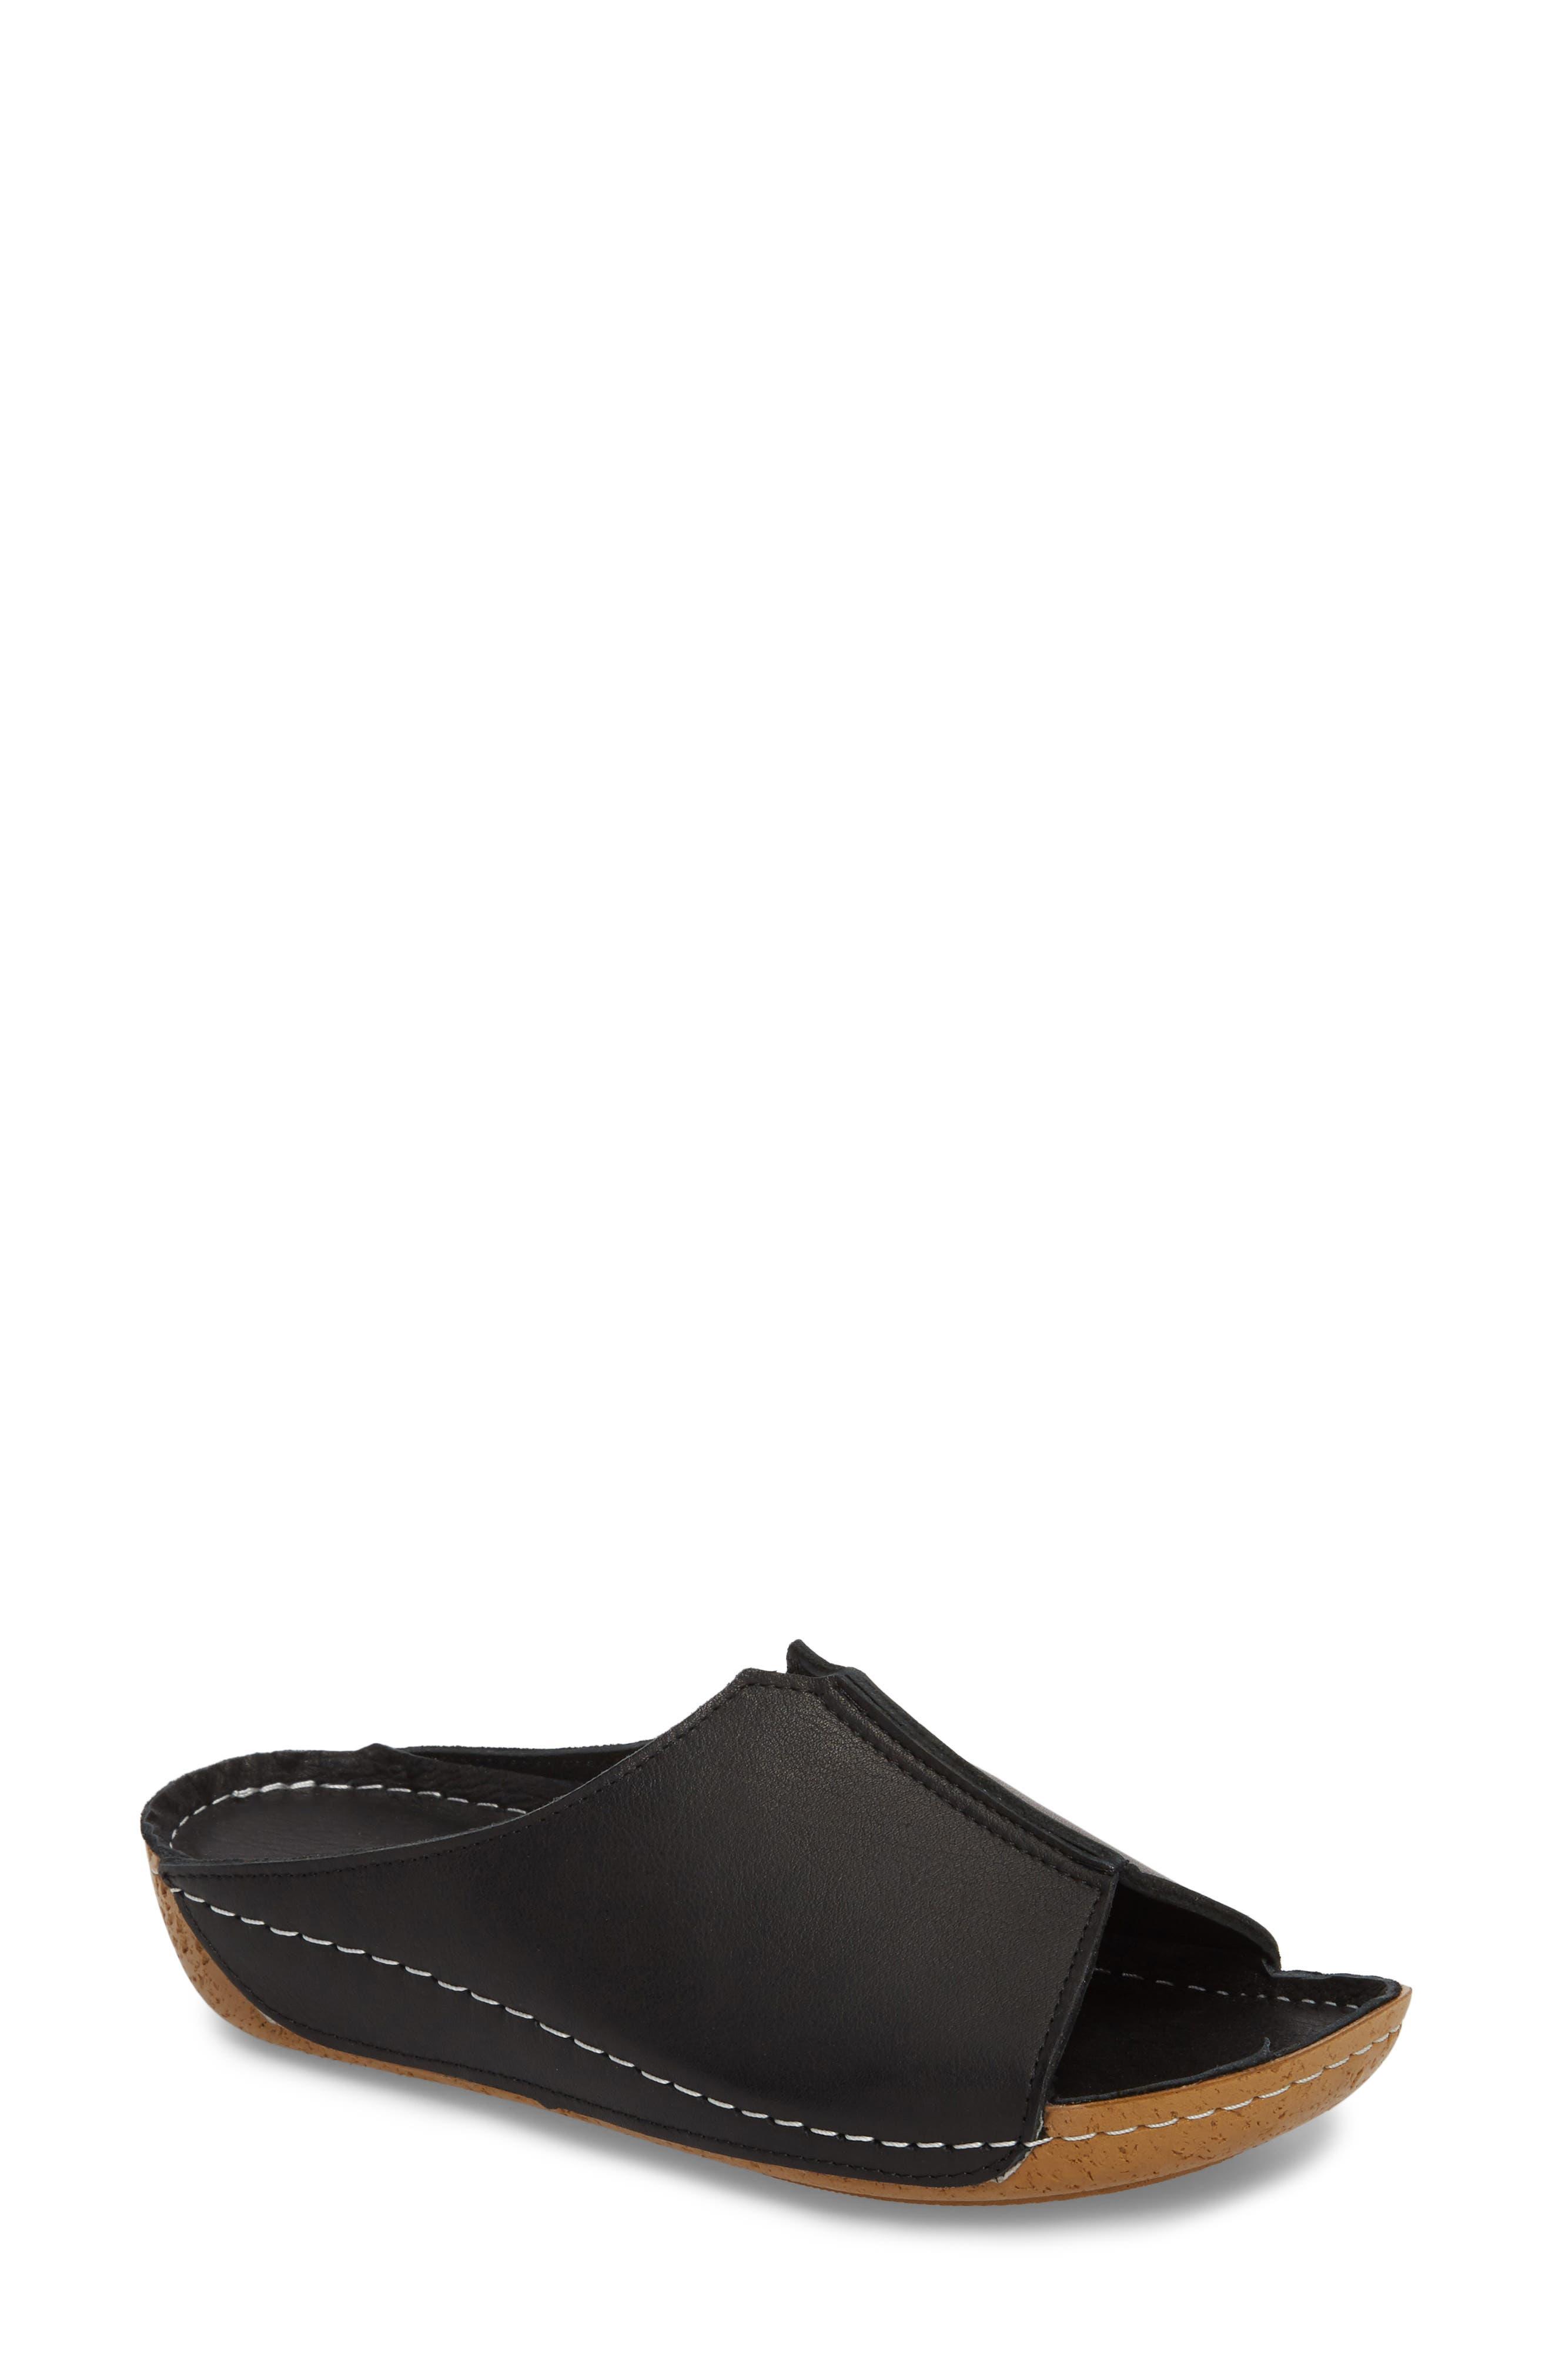 Sheridan Mia Alexa 3 Slide Sandal